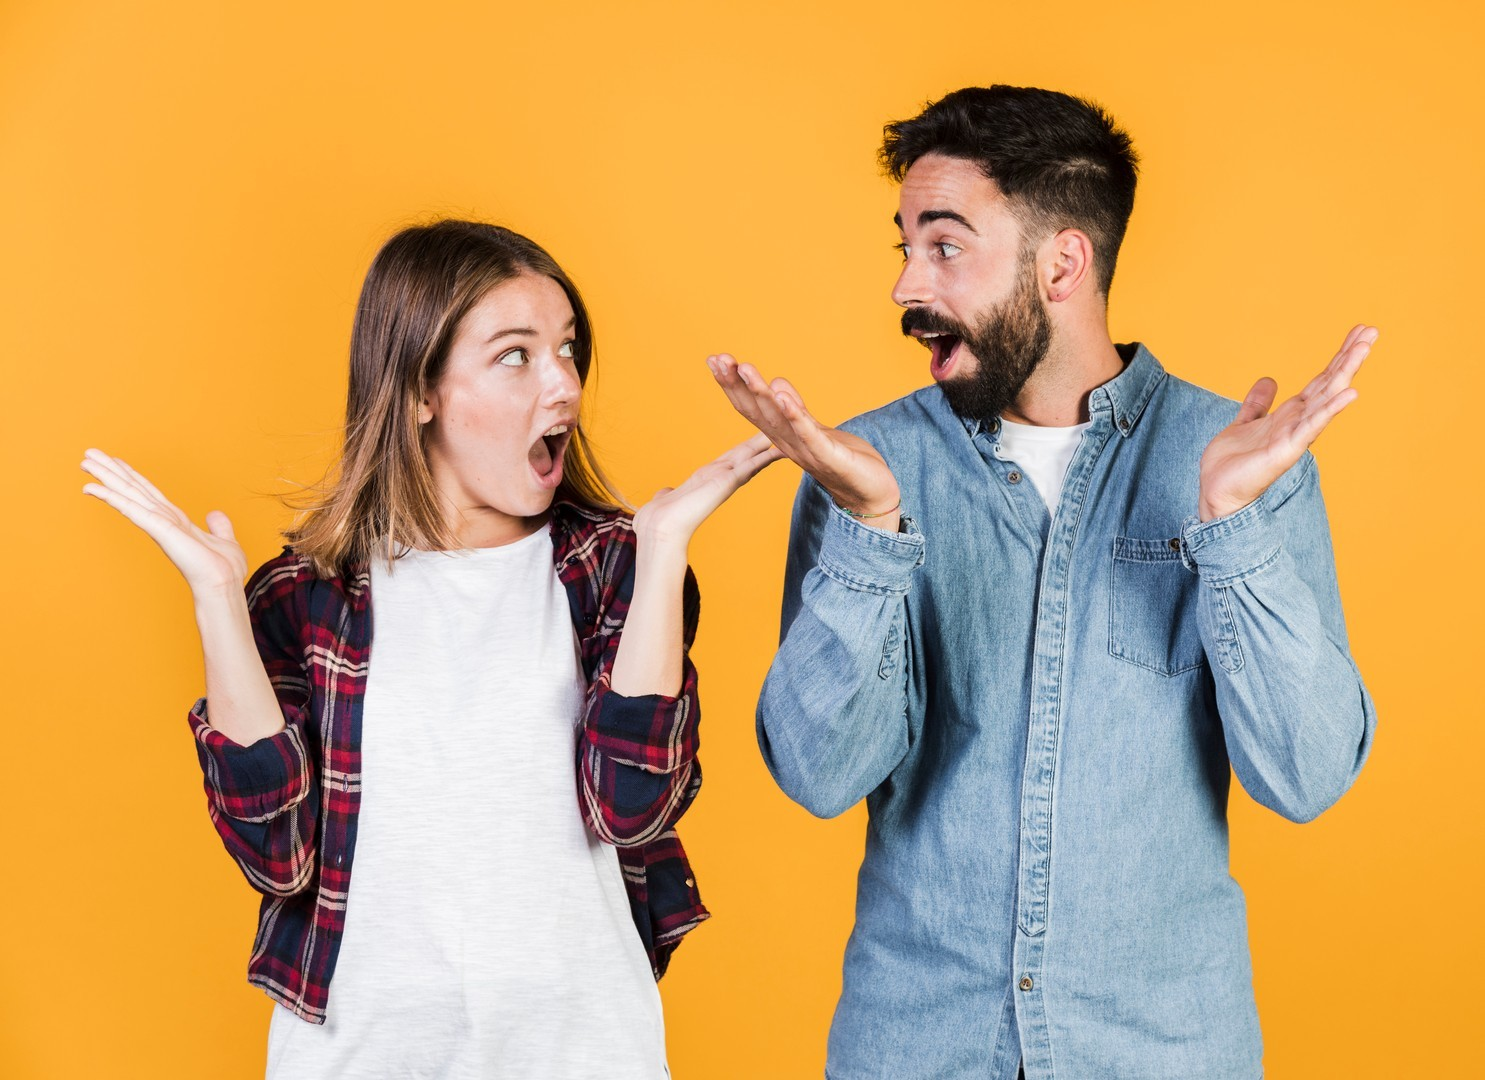 Как расстаться с женатым мужчиной, которого любишь: 10 советов